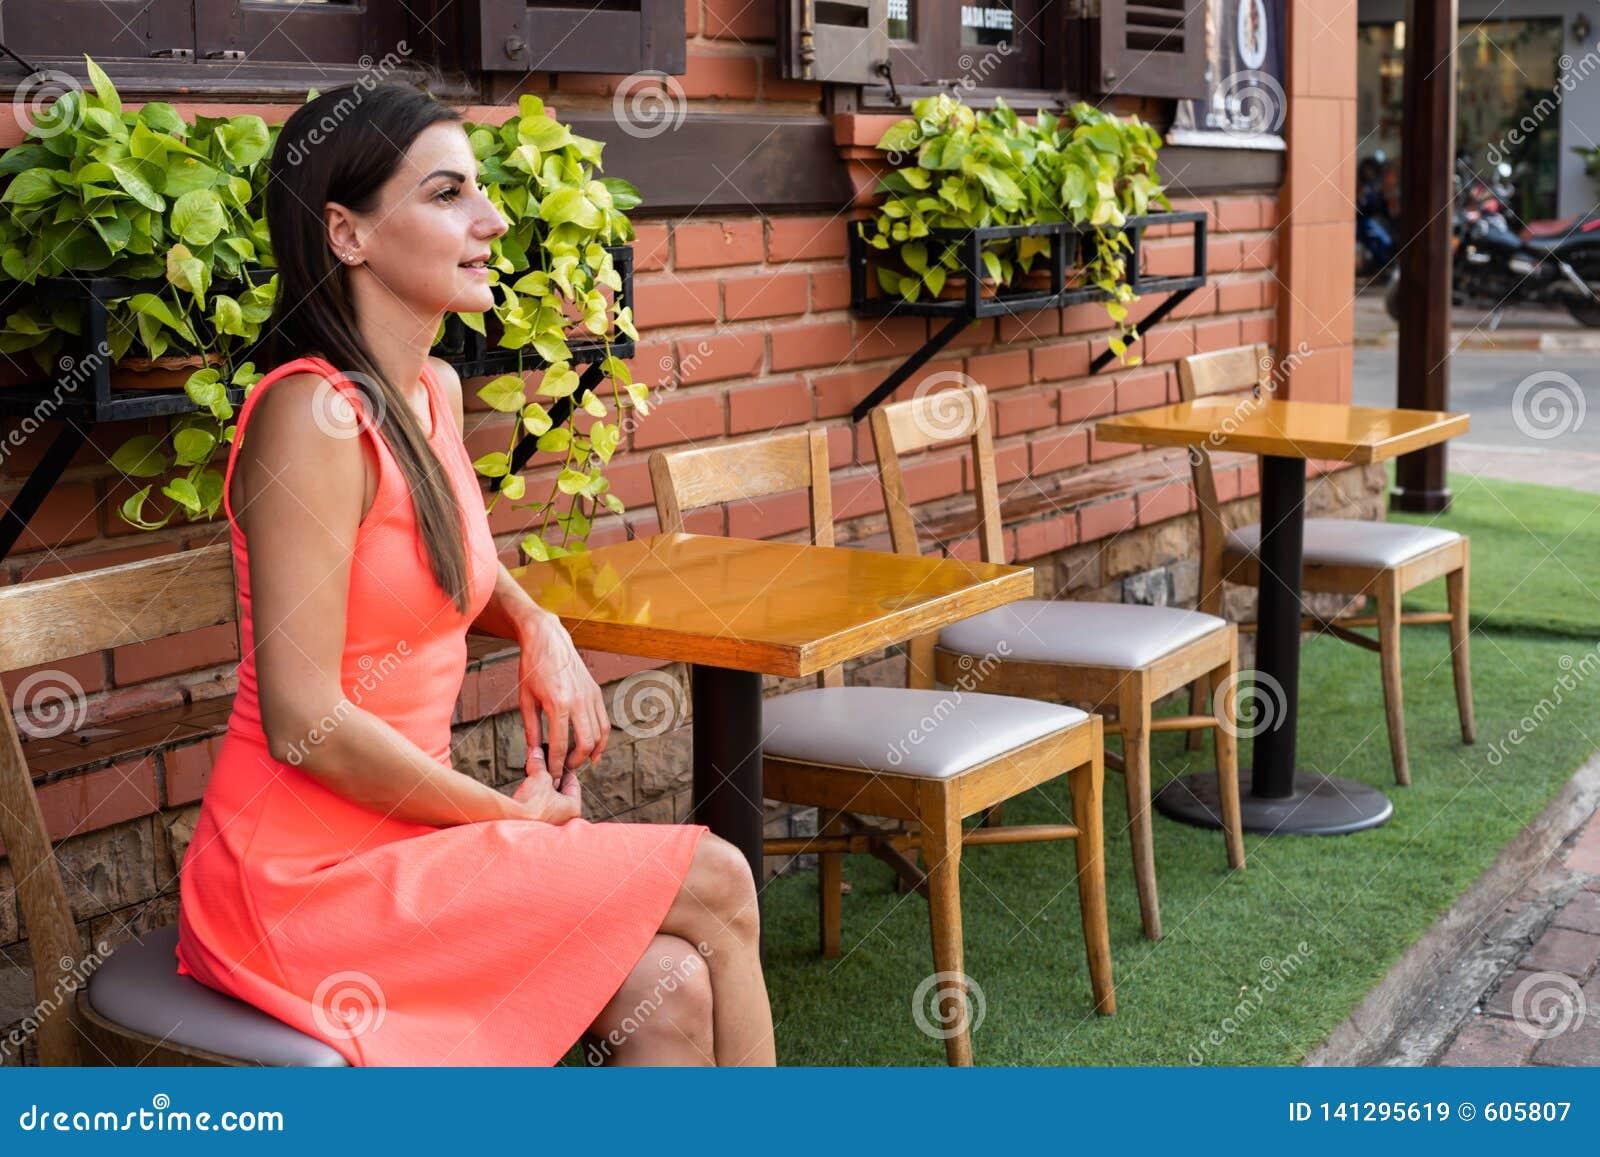 Το θηλυκό περιμένει κάποιο σε έναν καφέ στην οδό της συνεδρίασης, που κυματίζει το χέρι της σε έναν φίλο, 4k